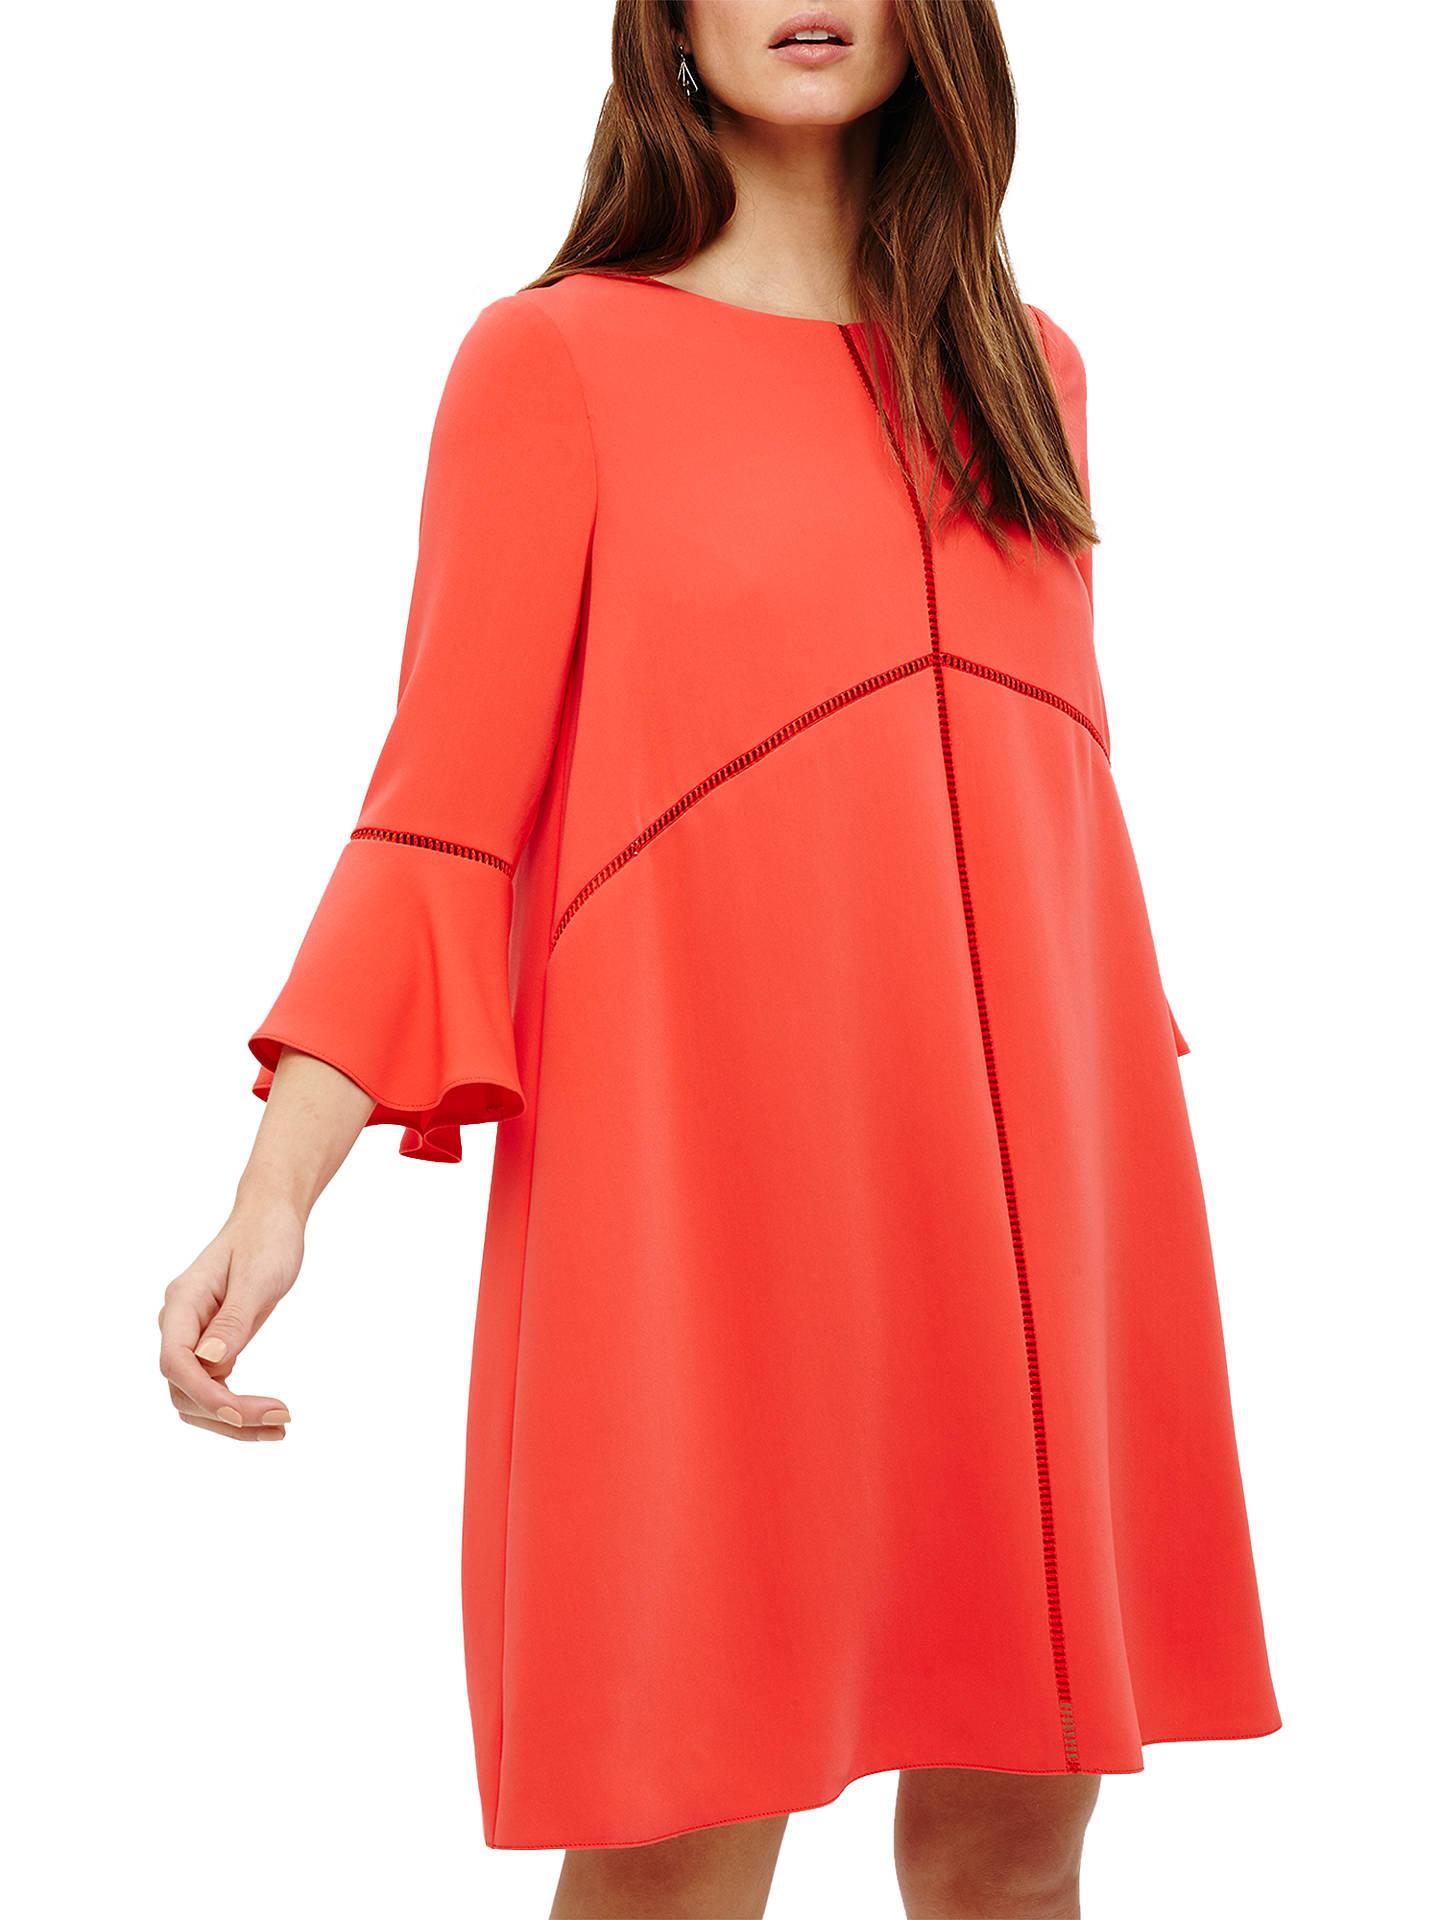 79ab41c2152c1 Buy Phase Eight Suriaiya Swing Dress, Pink Coral, 8 Online at johnlewis.com  ...